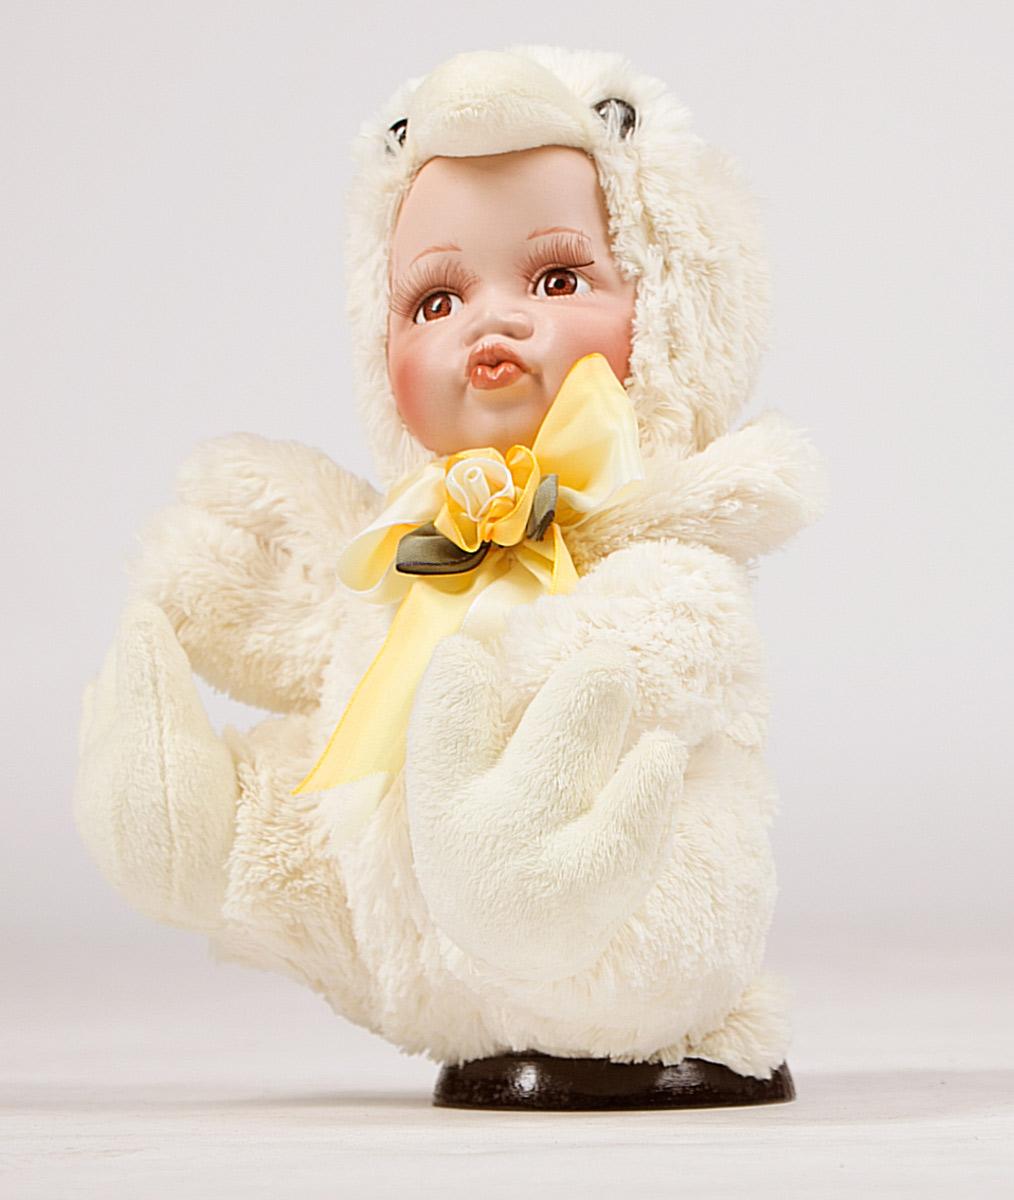 Кукла Estro, высота 30 см. C21-128215C21-128215Кукла создана вручную, неповторима и оригинальна. Порадуйте своих друзей и близких этим замечательным подарком!